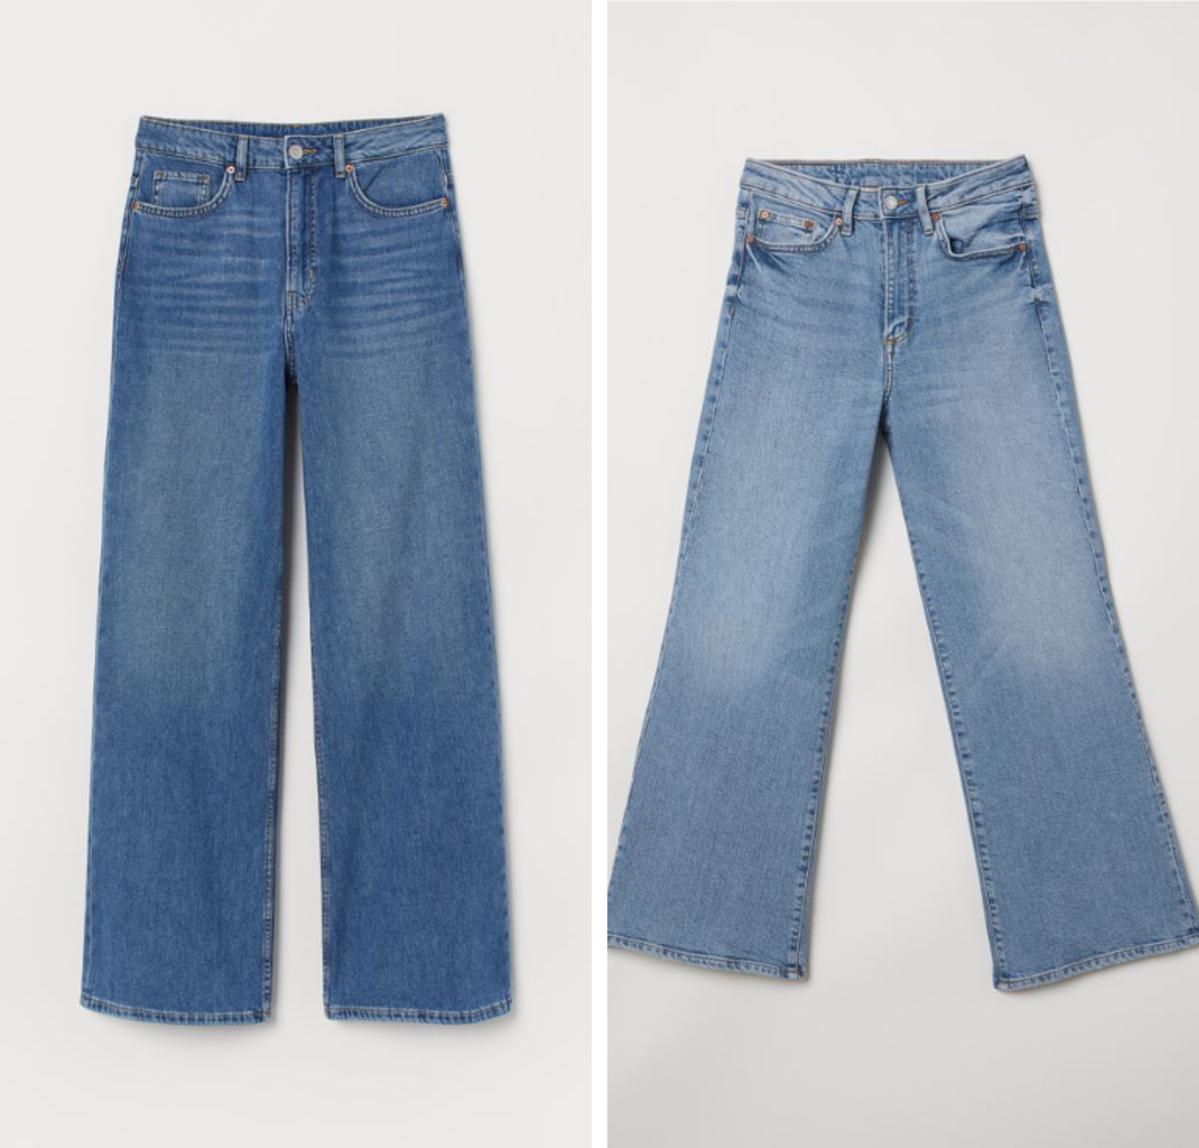 Szerokie jeansy H&M cena 59 zł